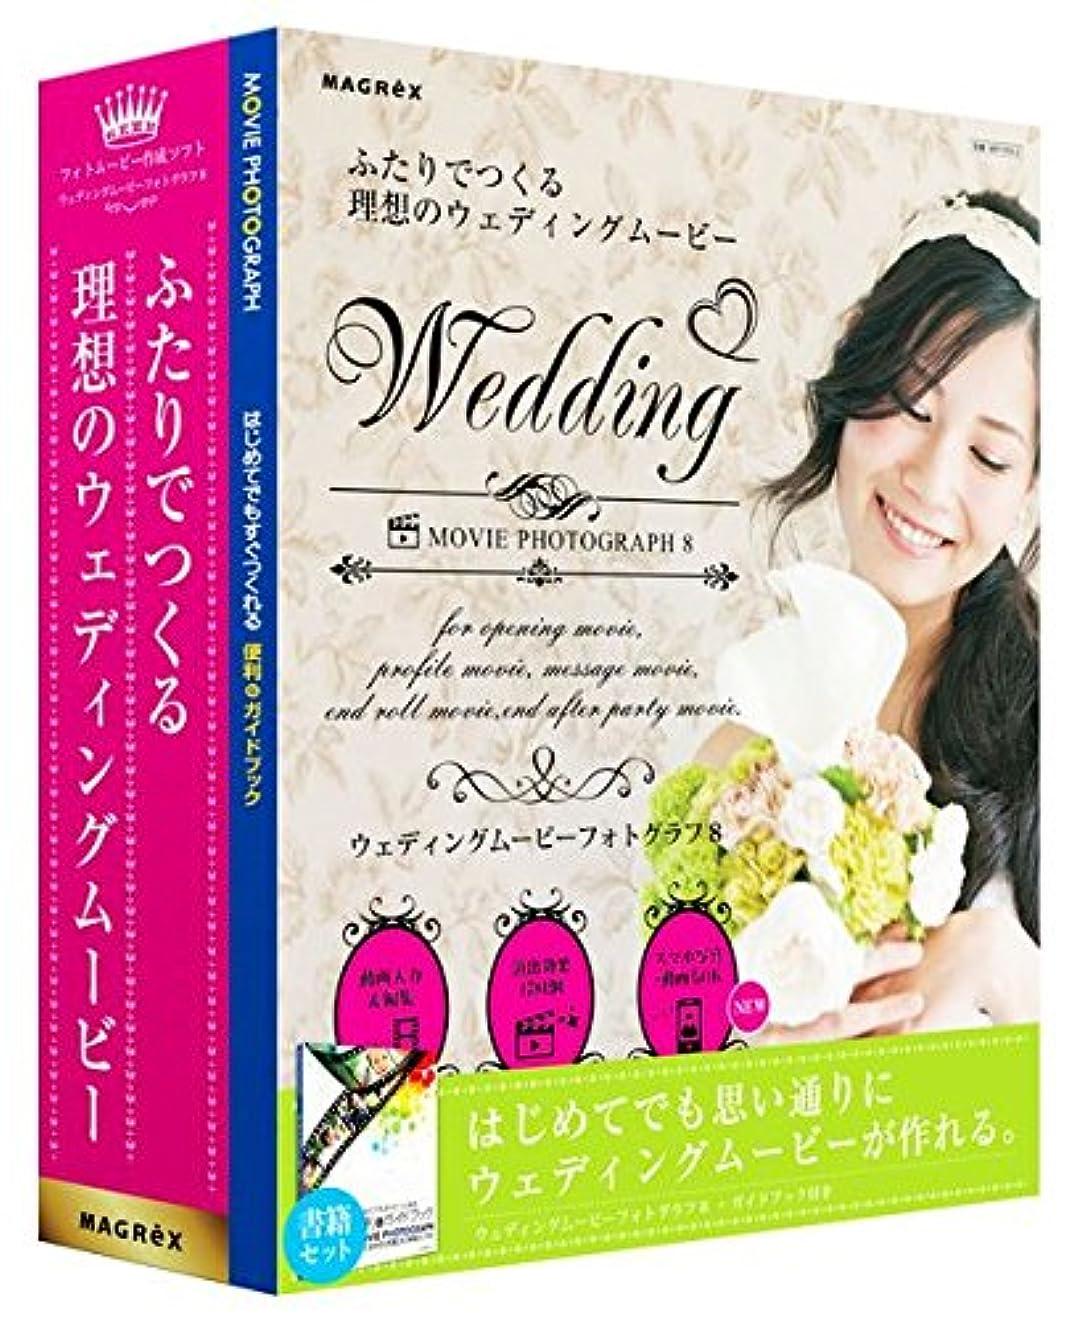 主流側溝ミッションマグレックス Wedding MOVIE PHOTOGRAPH 8 ガイドブック付き